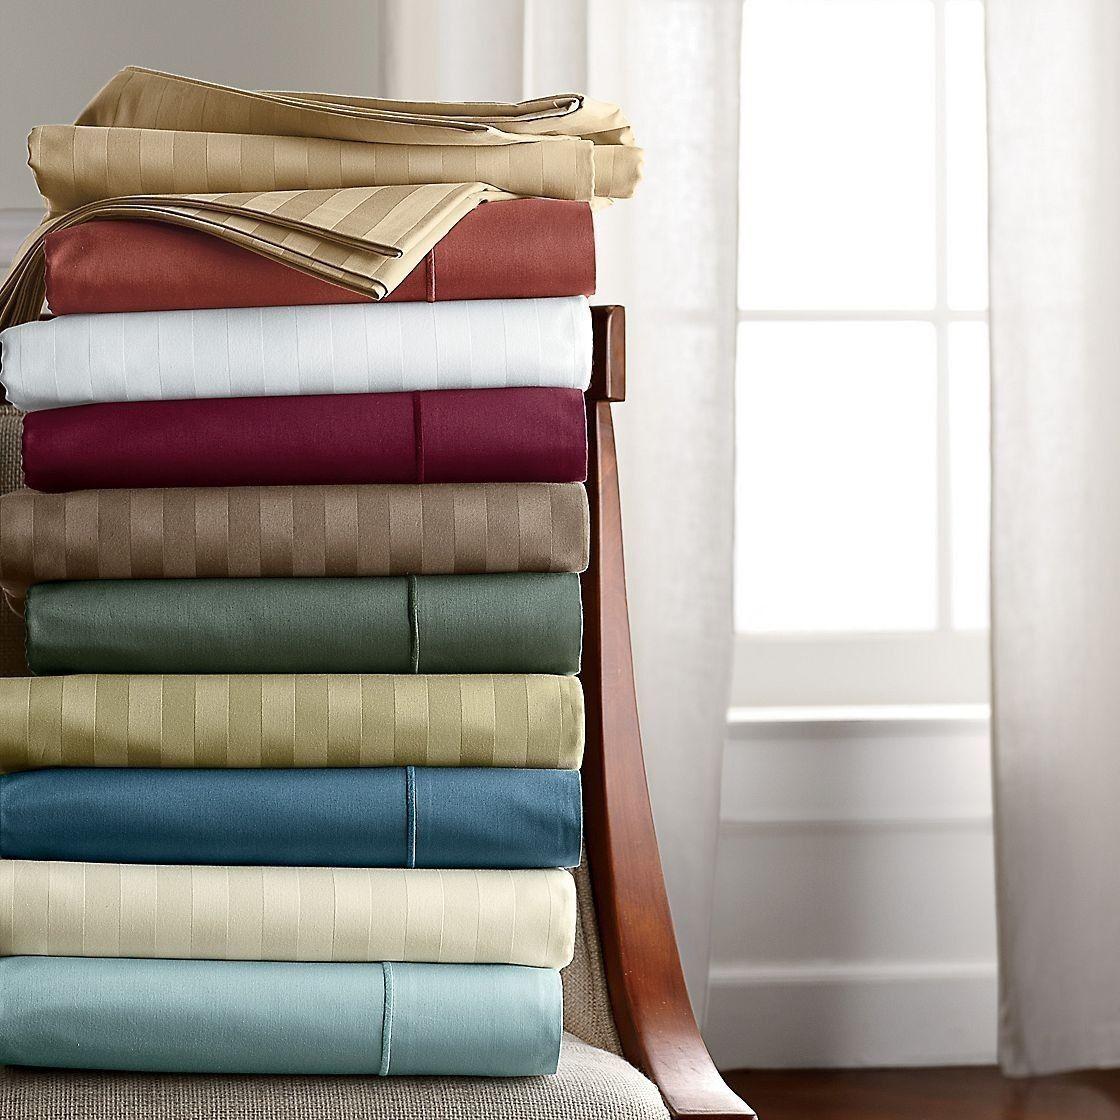 1000 TC Egyptian Cotton Home 6 PCs Sheet Set US Full XL Size Multi colors